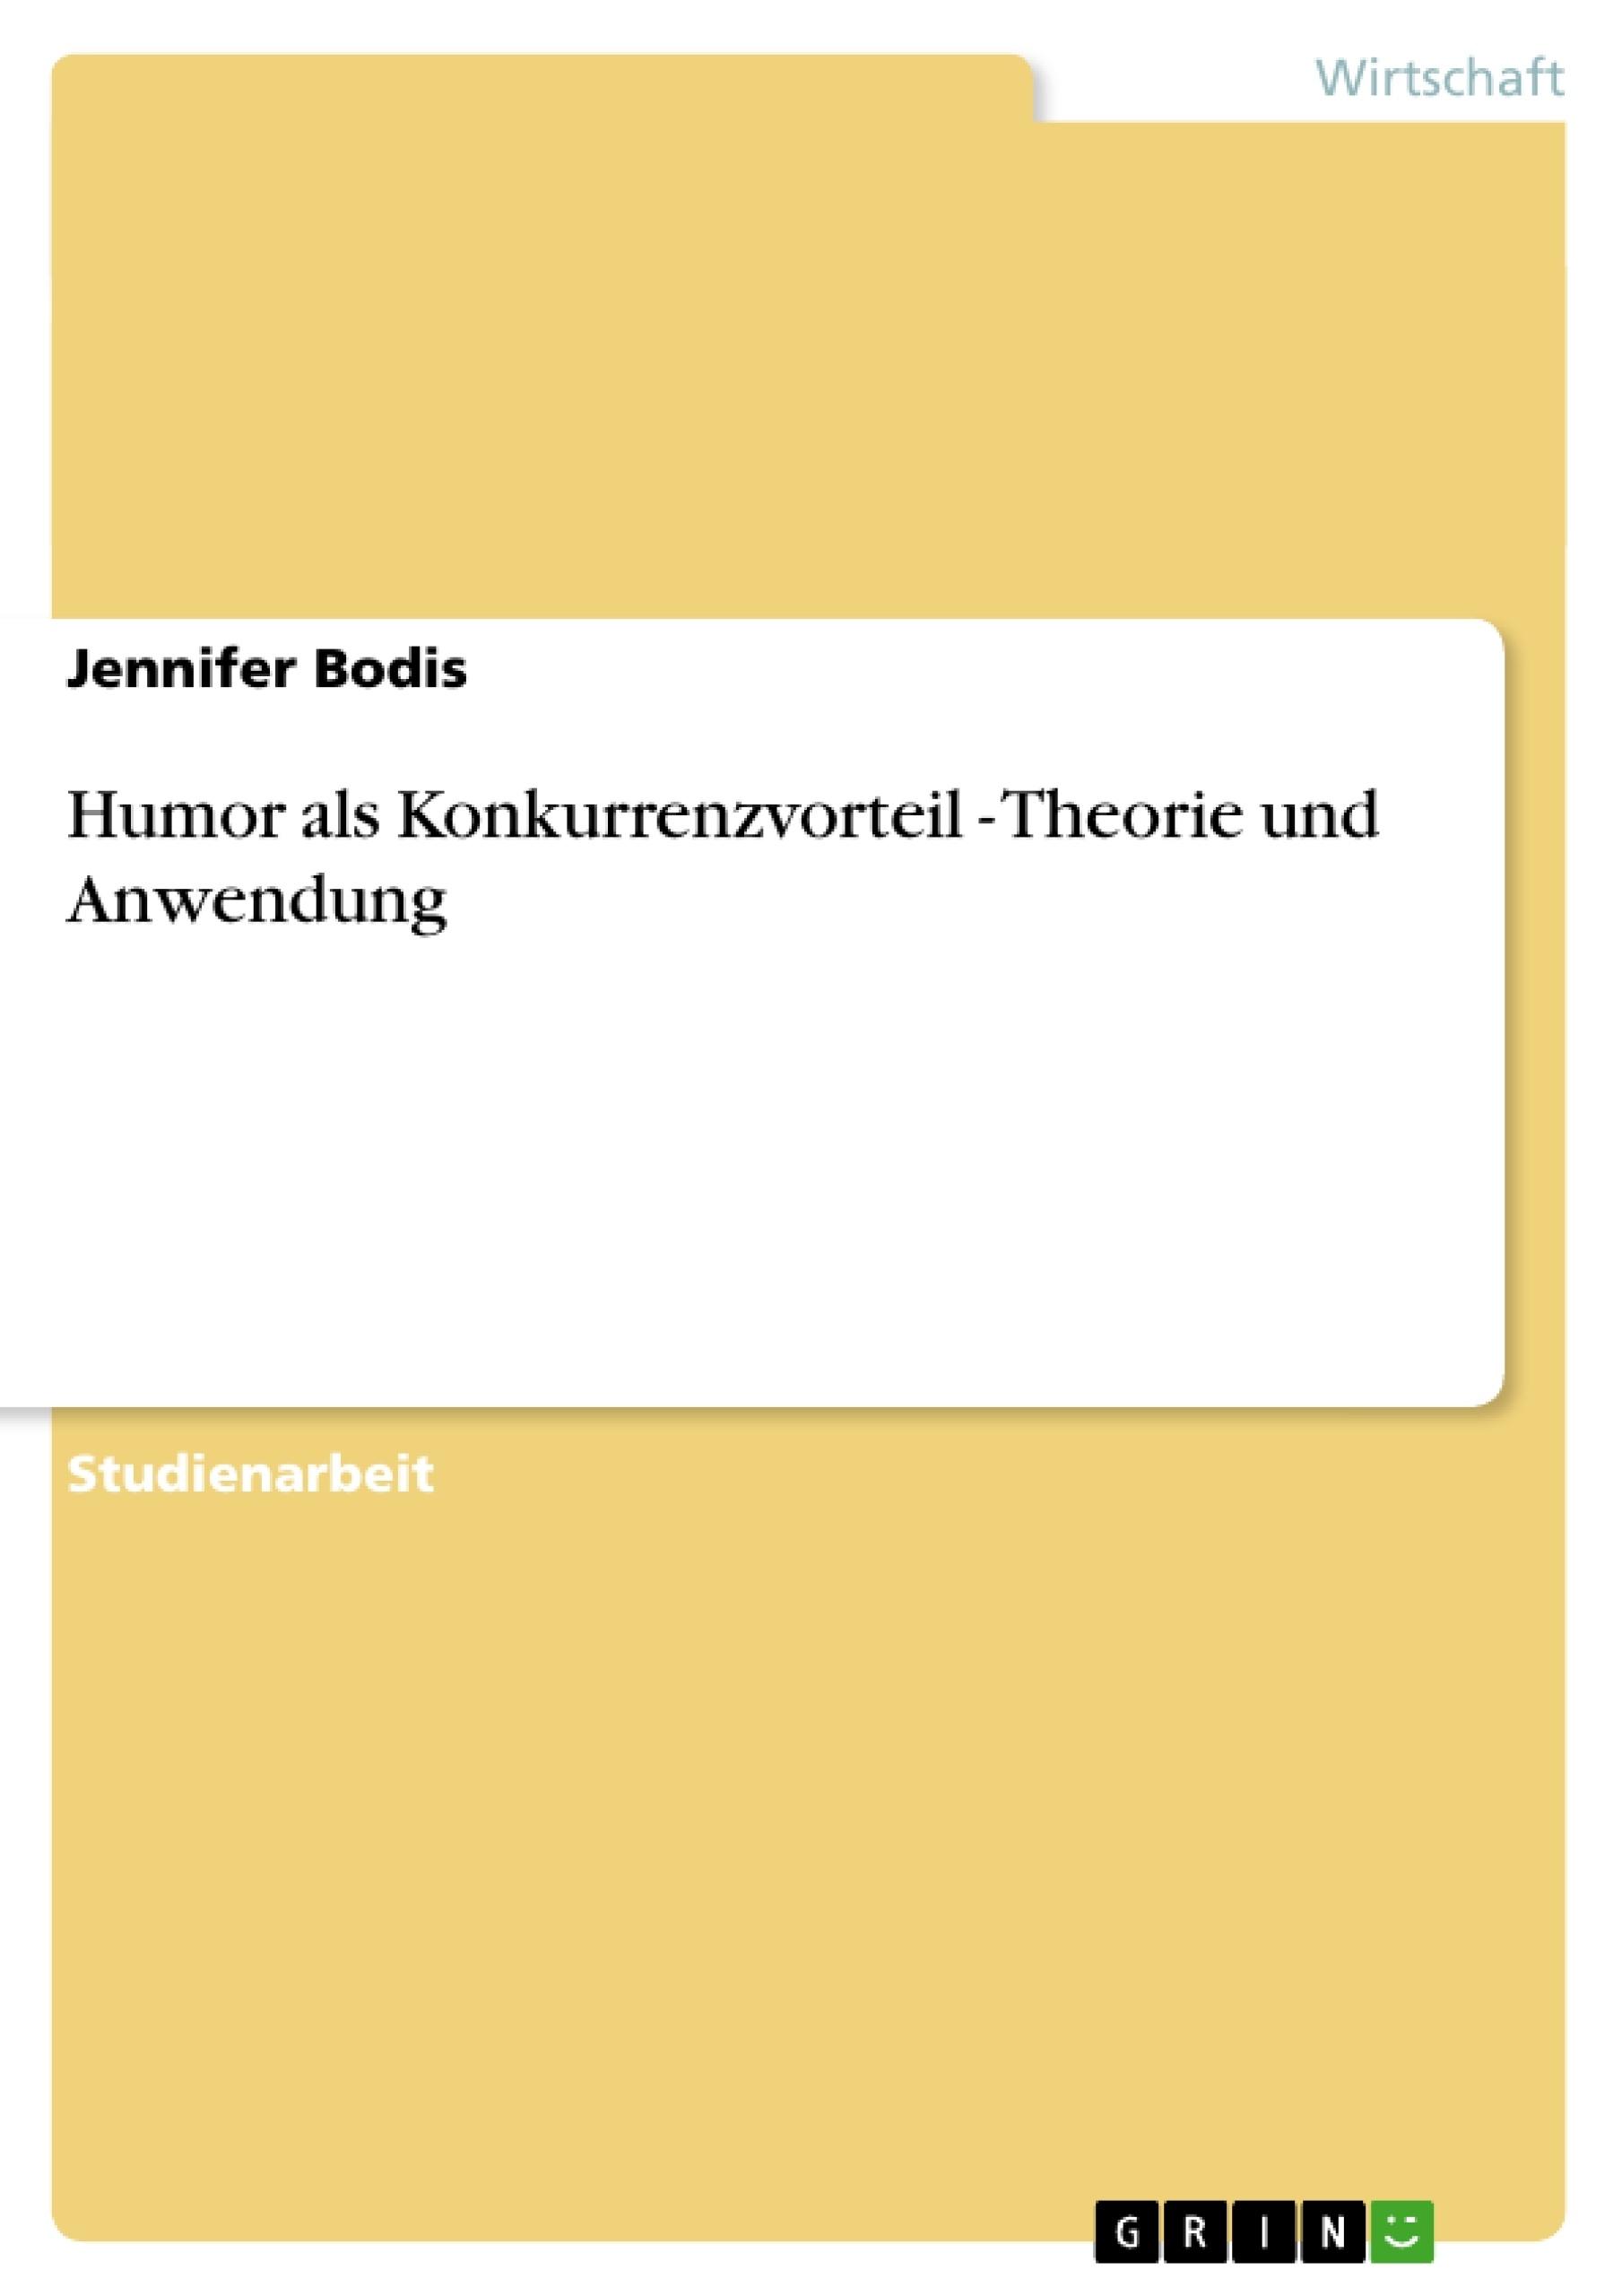 Titel: Humor als Konkurrenzvorteil - Theorie und Anwendung